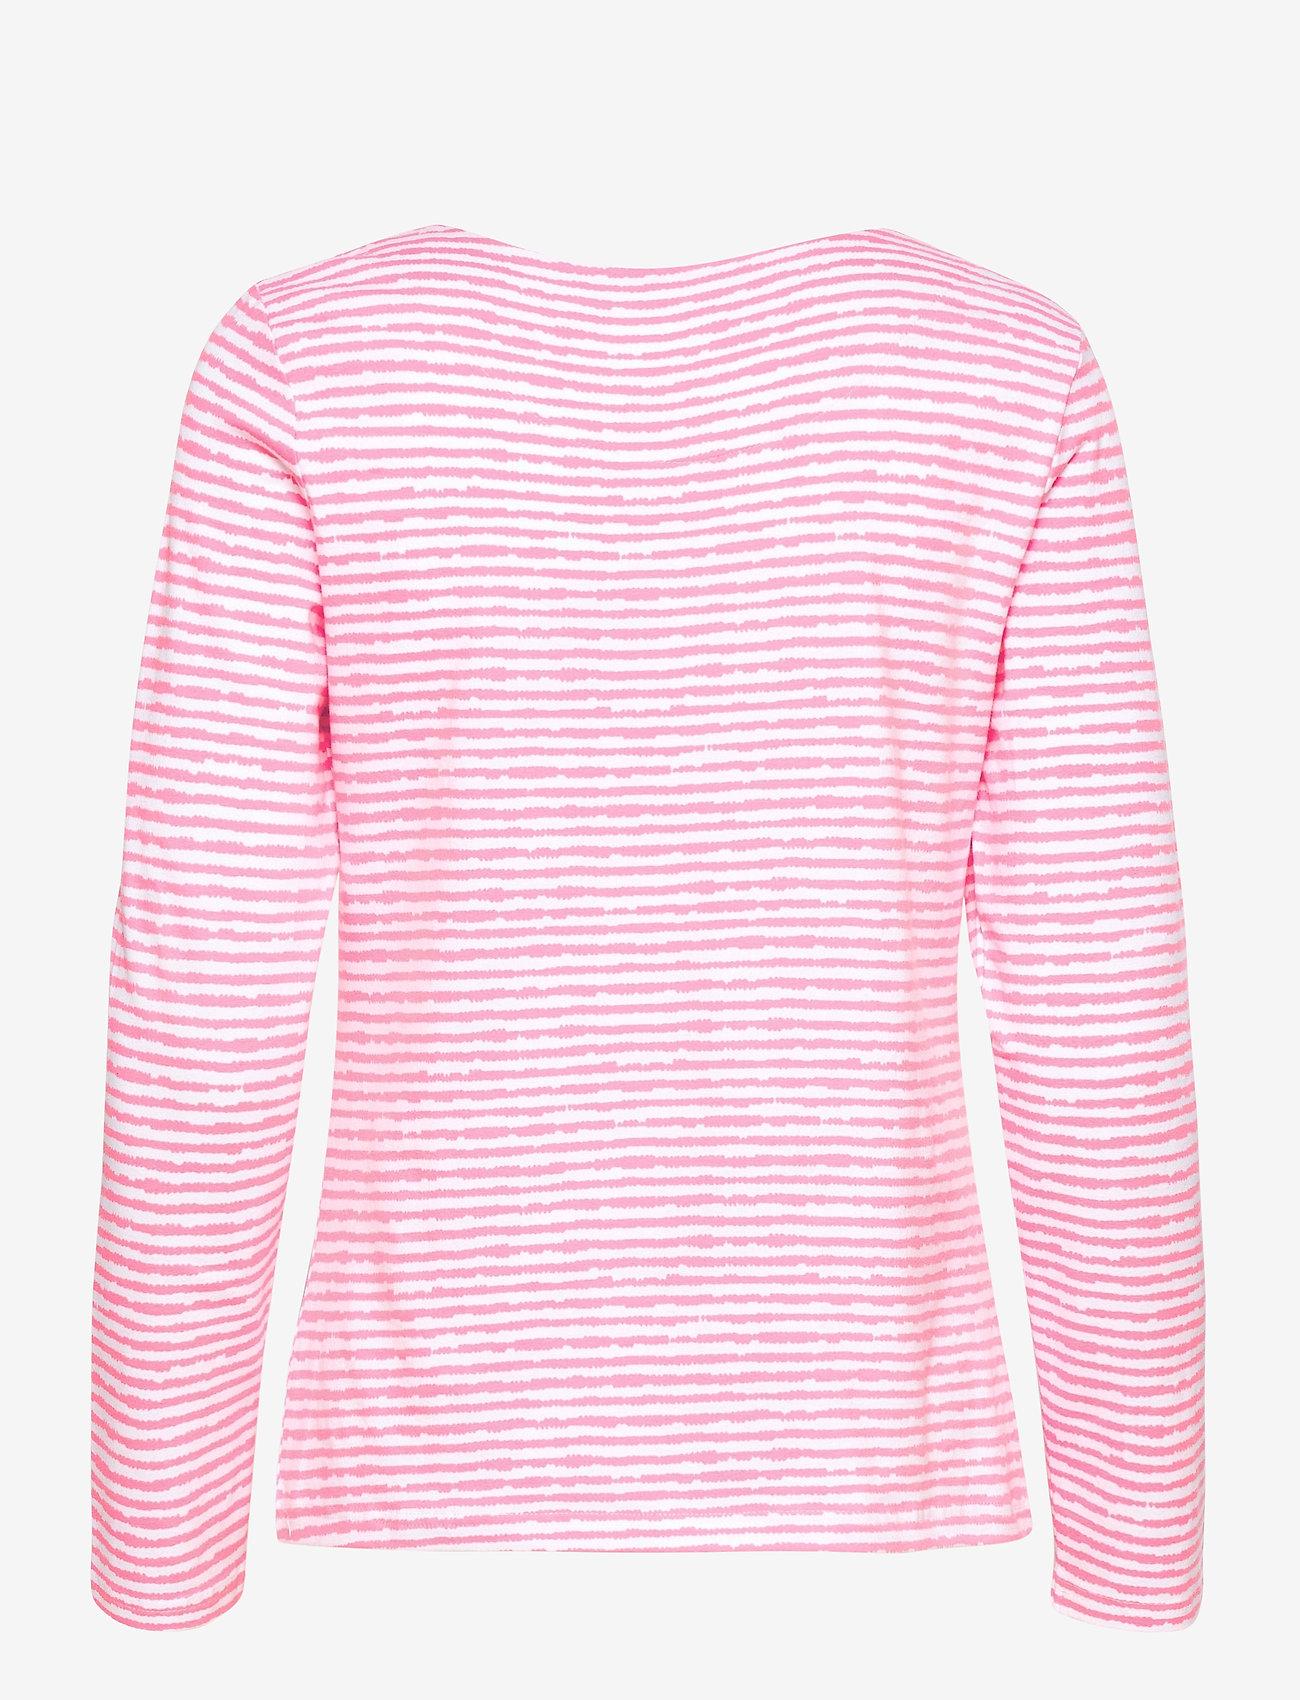 Nanso - Ladies blouse, Aprilli - tops met lange mouwen - pink - 1